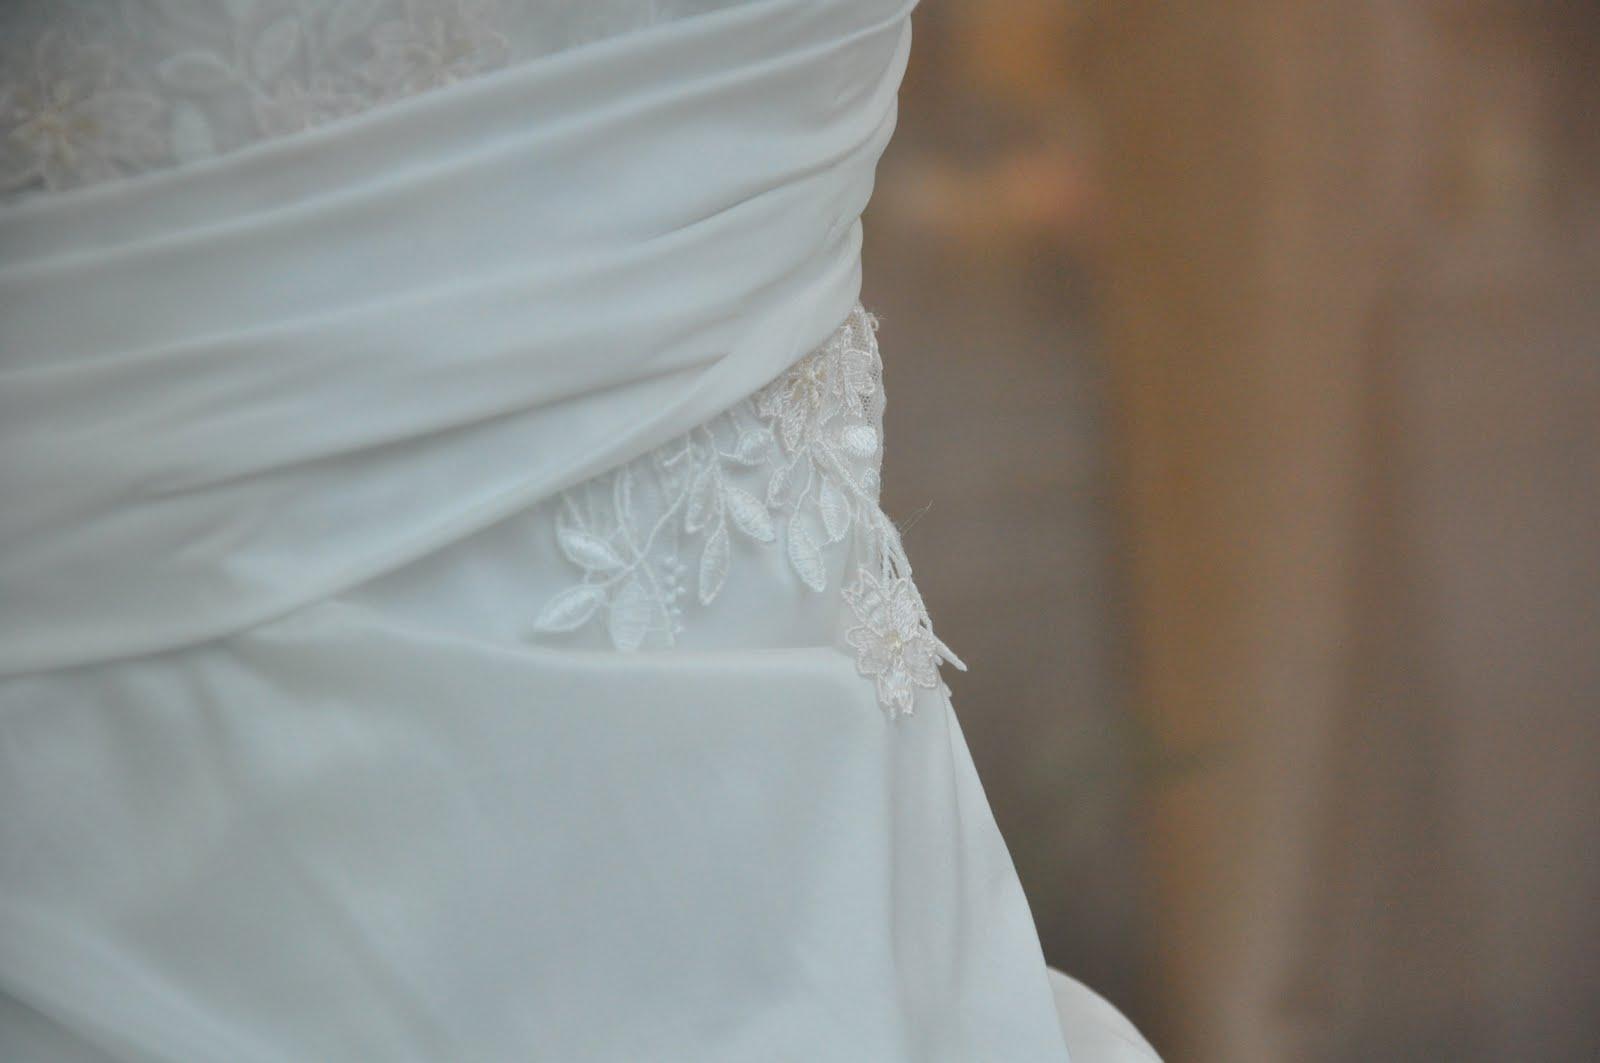 South Korea!: Today, I Bought a Wedding Dress